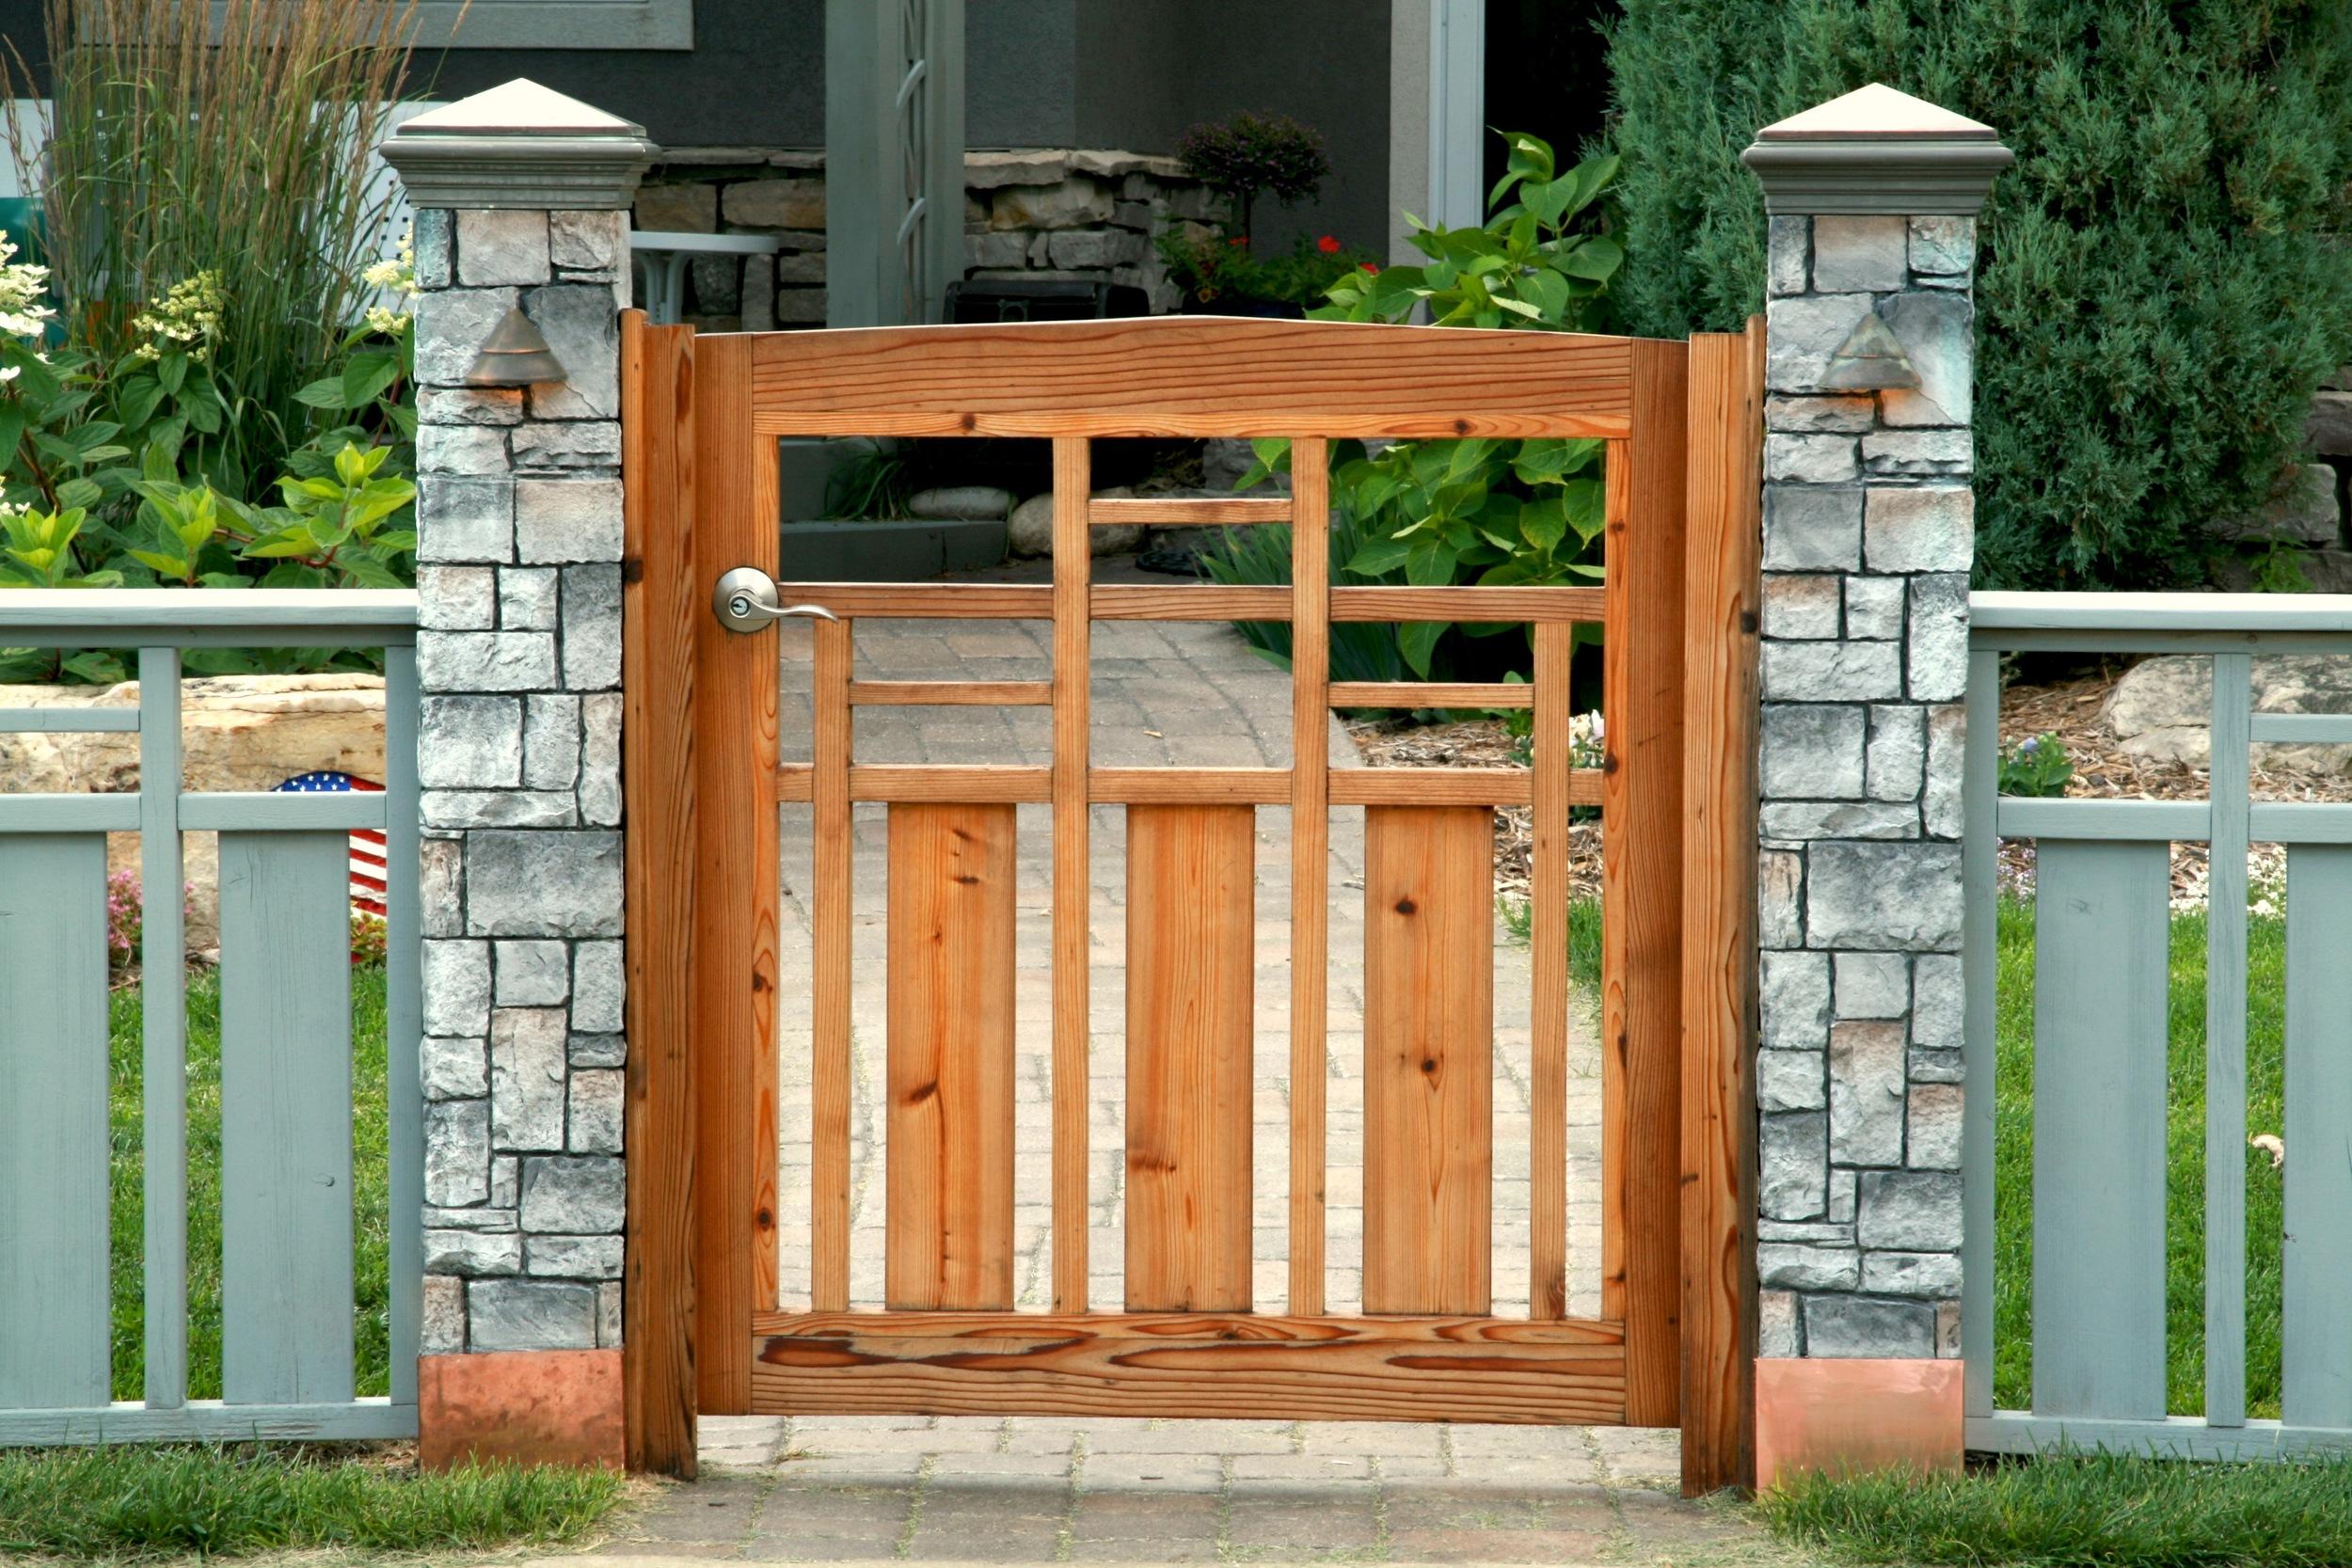 Pergolas, decks, bridges, arbors, fences...